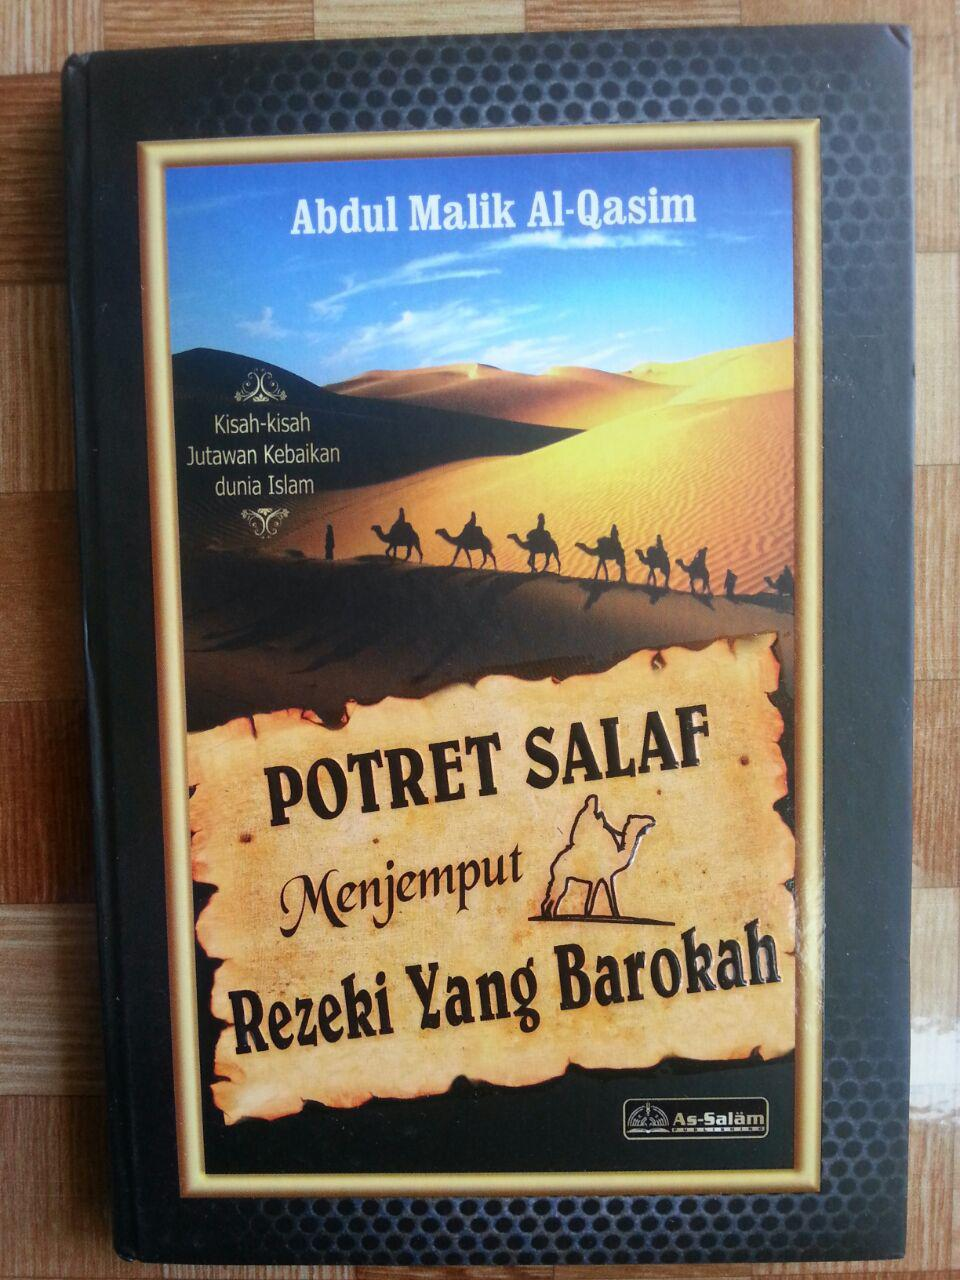 Buku Potret Salaf Menjemput Rezeki yang Barokah cover 2